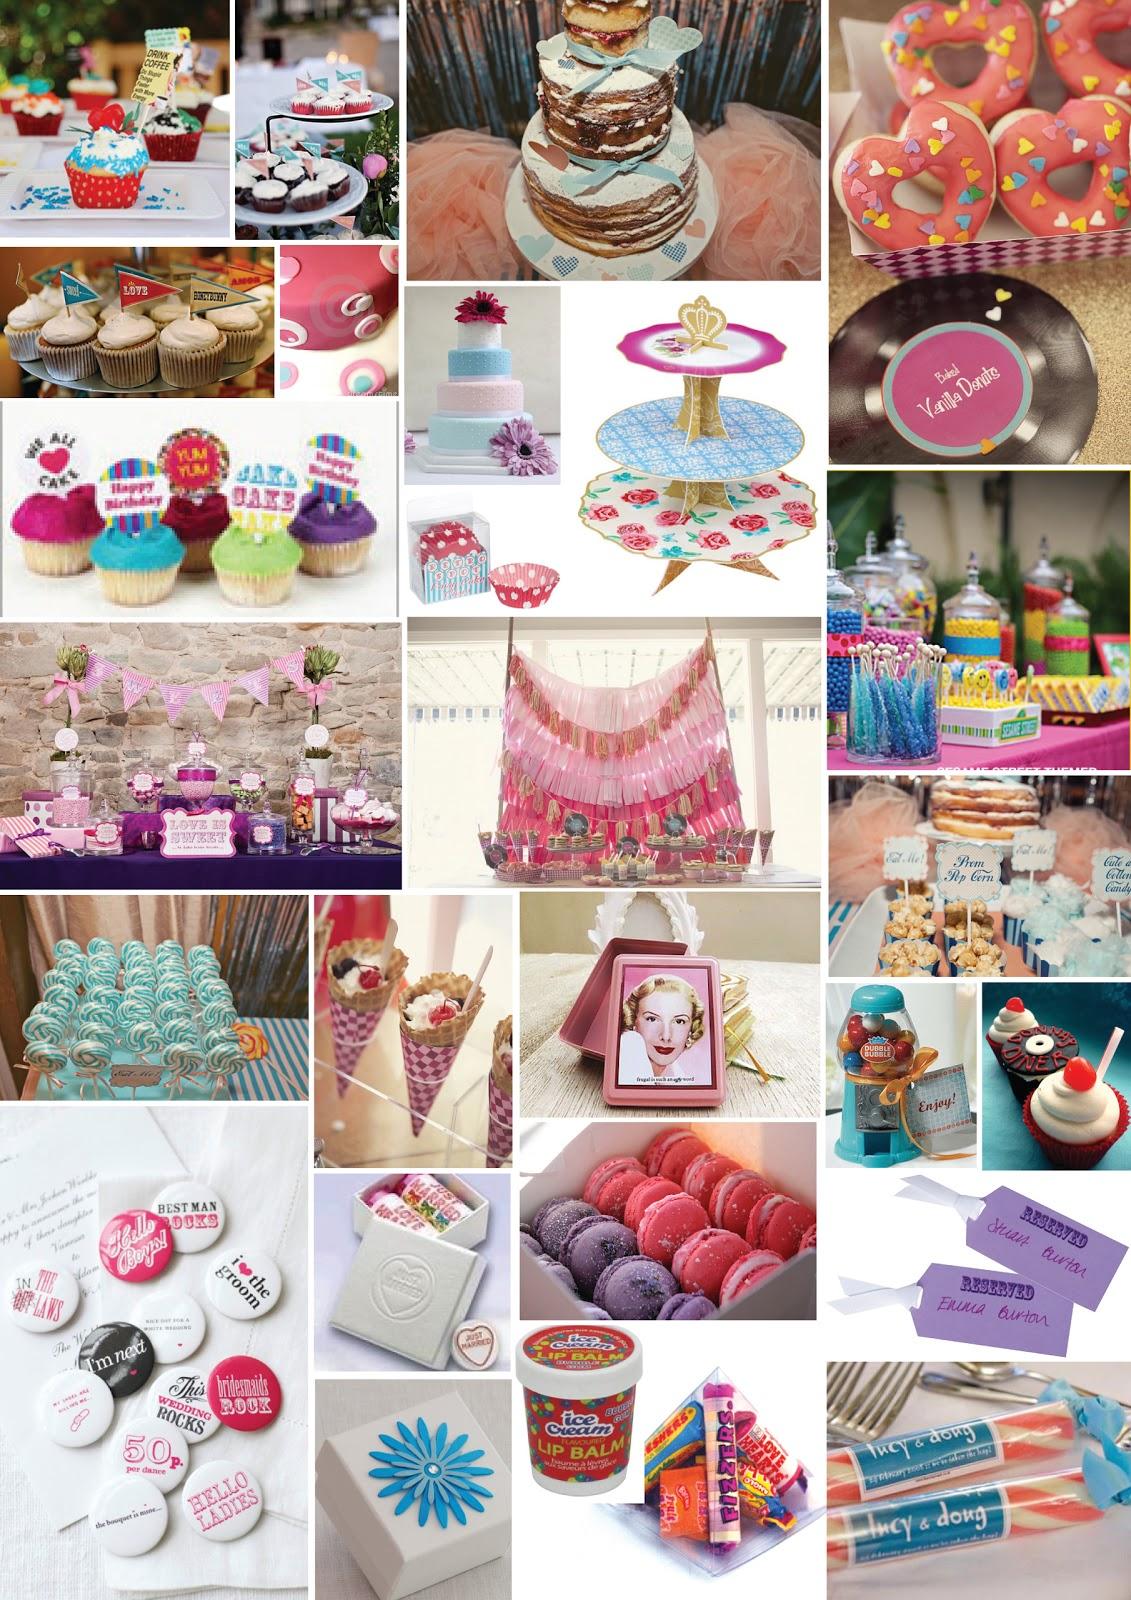 http://4.bp.blogspot.com/-_PUWeQYWX8I/Tfh11GVZsyI/AAAAAAAABIQ/UE8qIMlj0Bg/s1600/Cake+%2526+Favours+copy.jpg